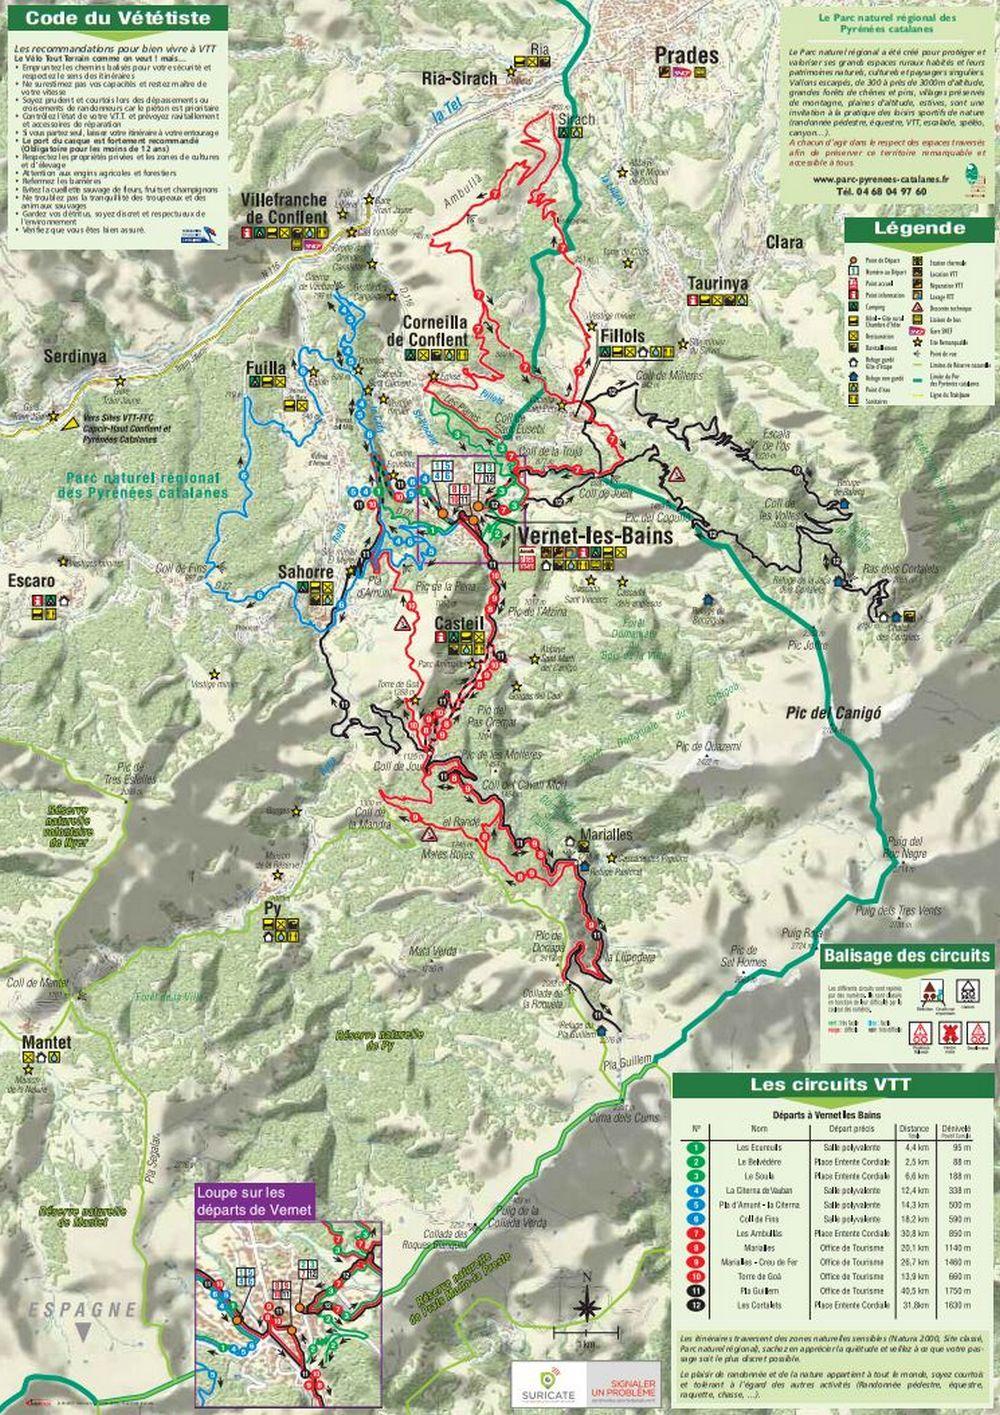 Carte Pistes VTT autour du Canigou Secteur Vernet les Bains - Source OT Conflent Canigo